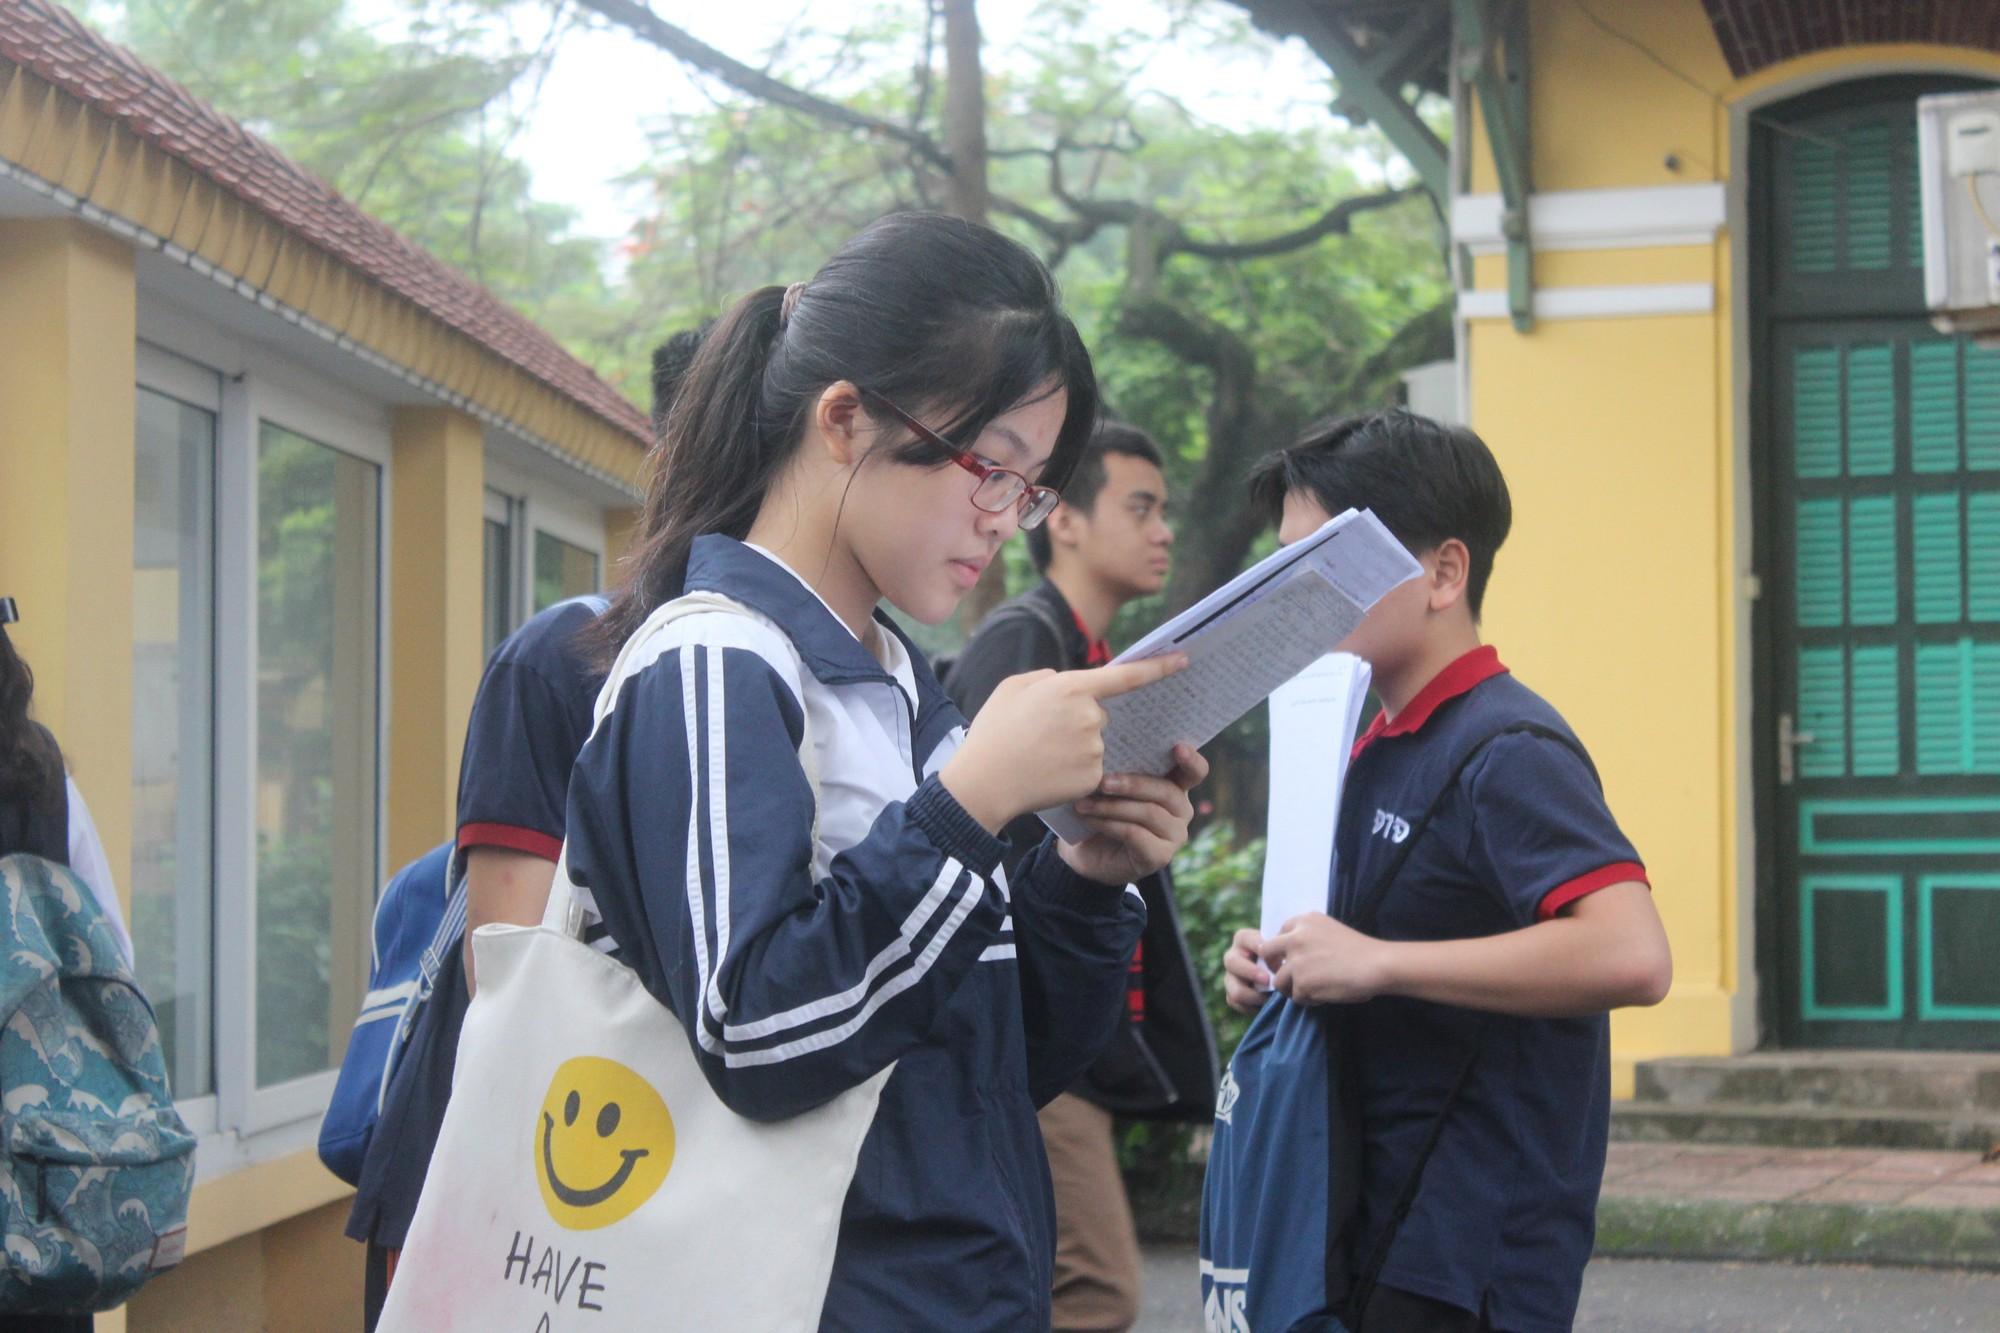 Thi lại lớp 10 ở Quảng Bình: Phụ huynh sẽ kiện nếu kết quả thấp hơn-3